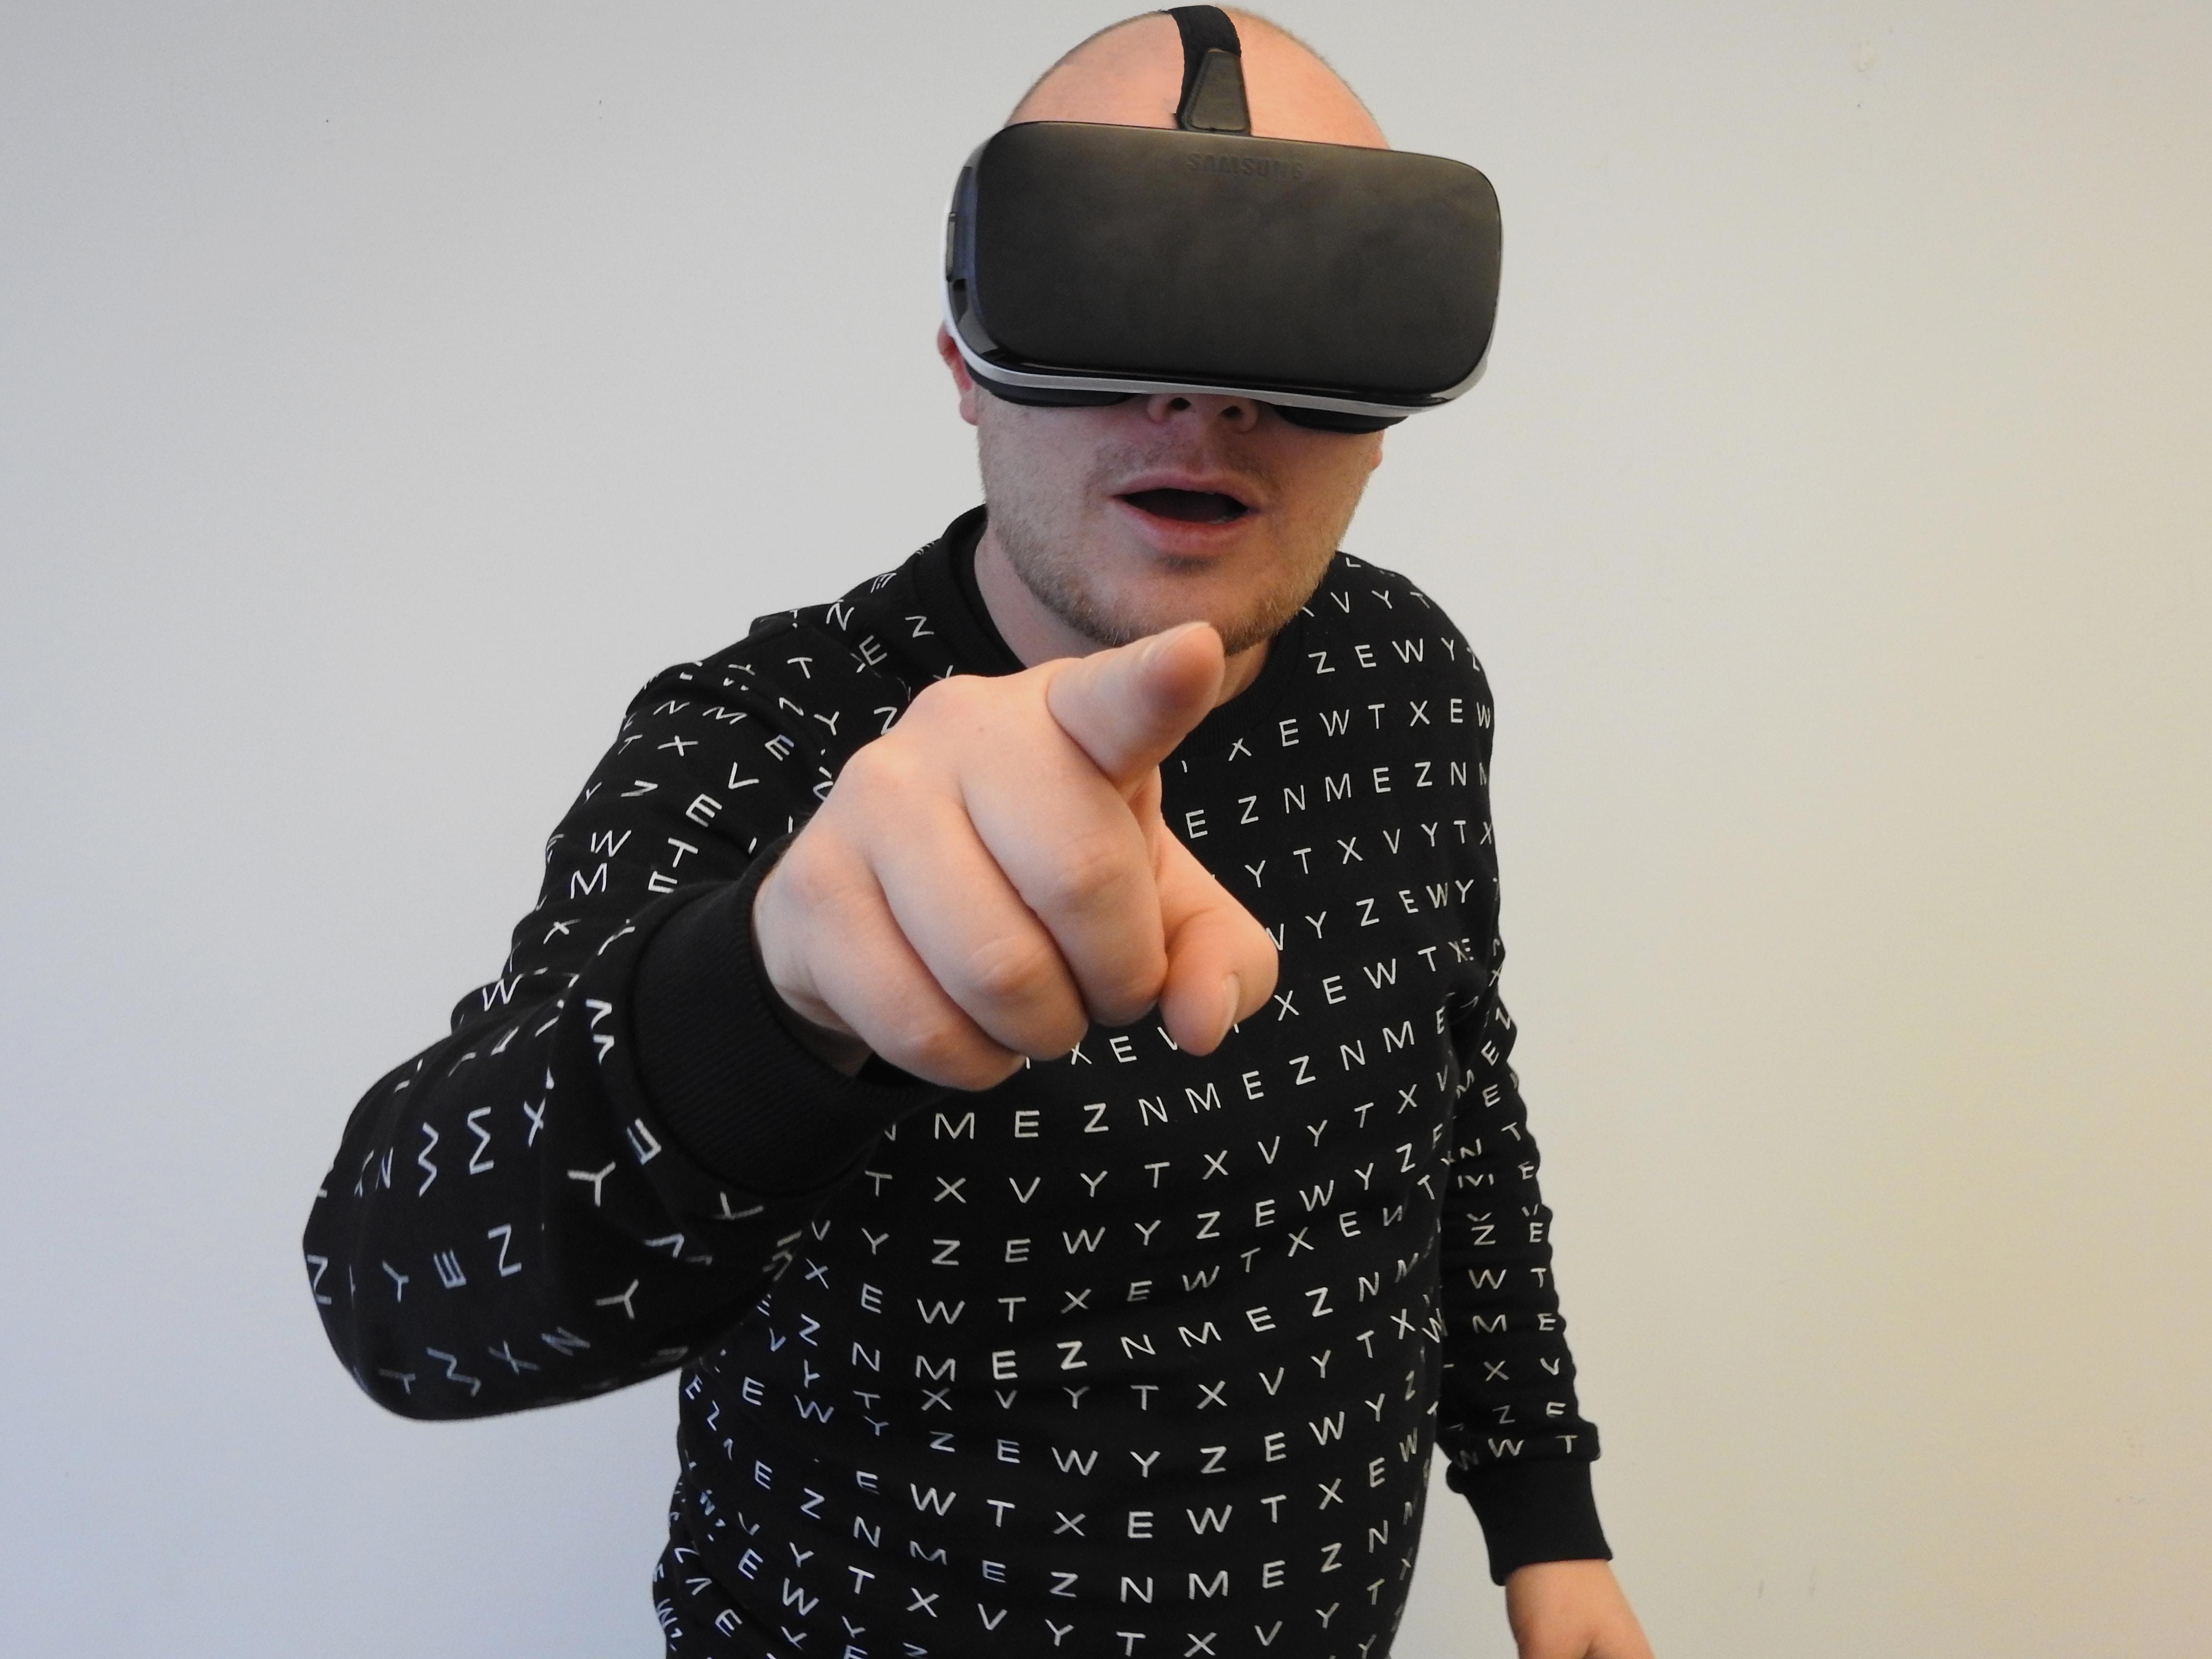 WebRTC стриминг в виртуальной реальности и вокруг нее